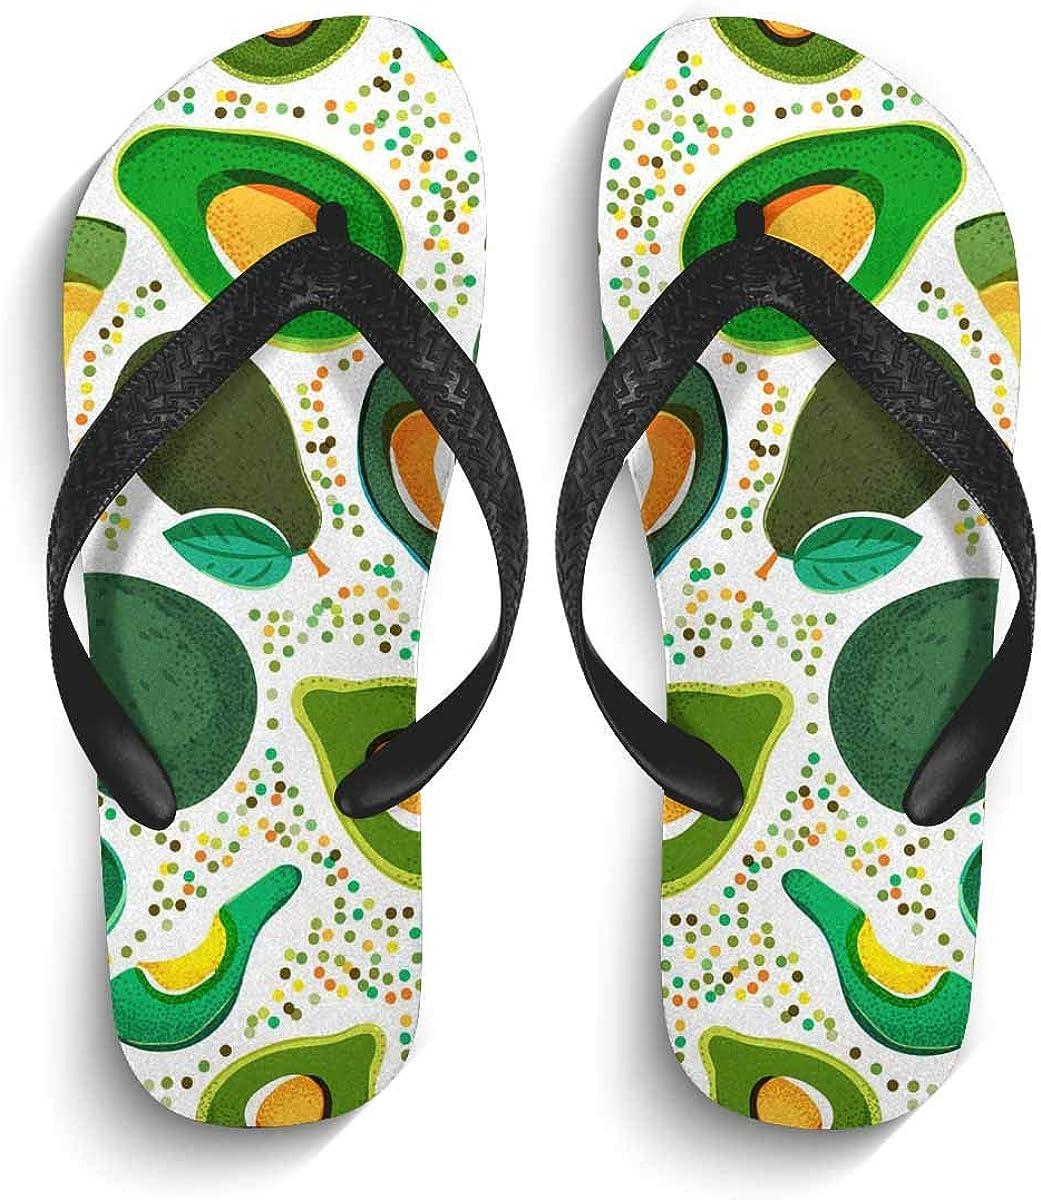 InterestPrint Men's Flip Flop Slippers Fresh Green Avocado Summer Beach Thong Sandal XL